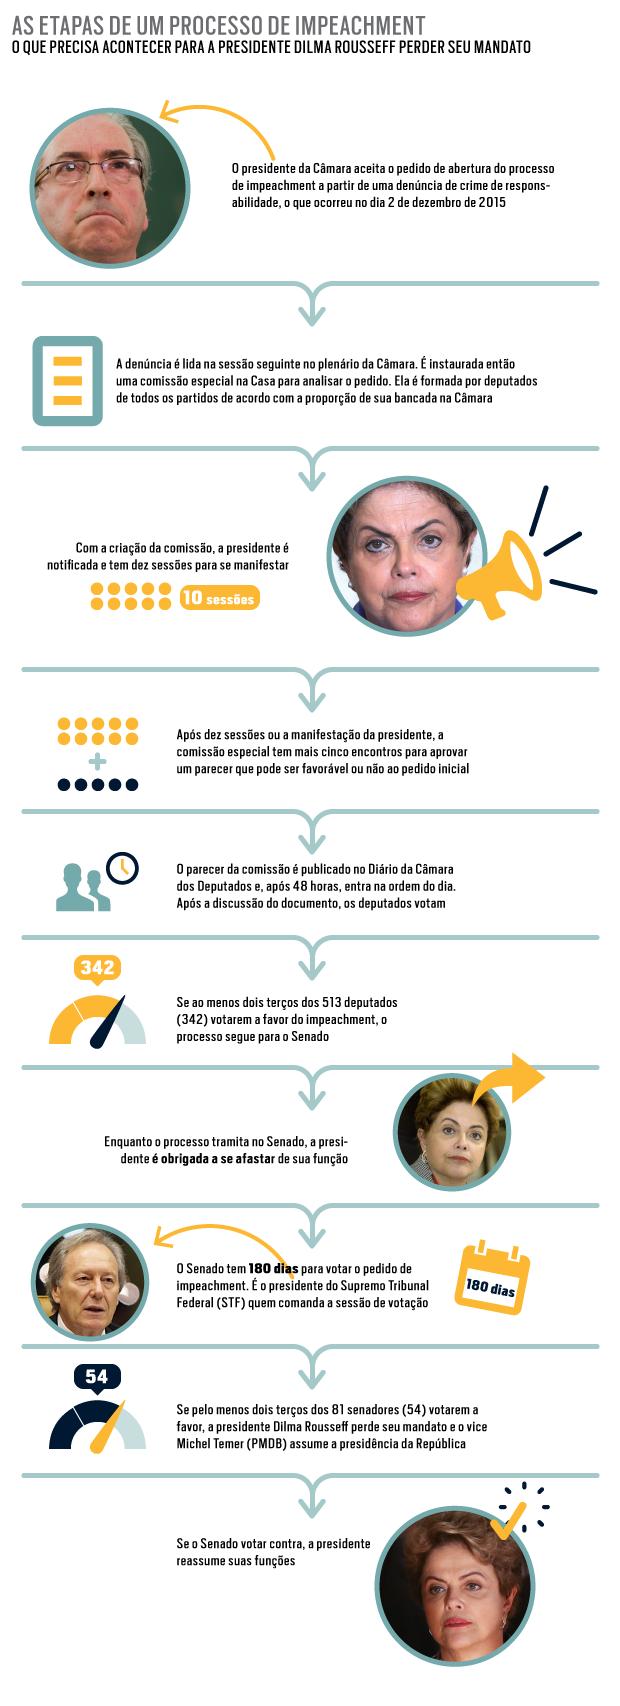 Tucanos fecham apoio a Temer, e Dilma diz esperar confiança' do vice